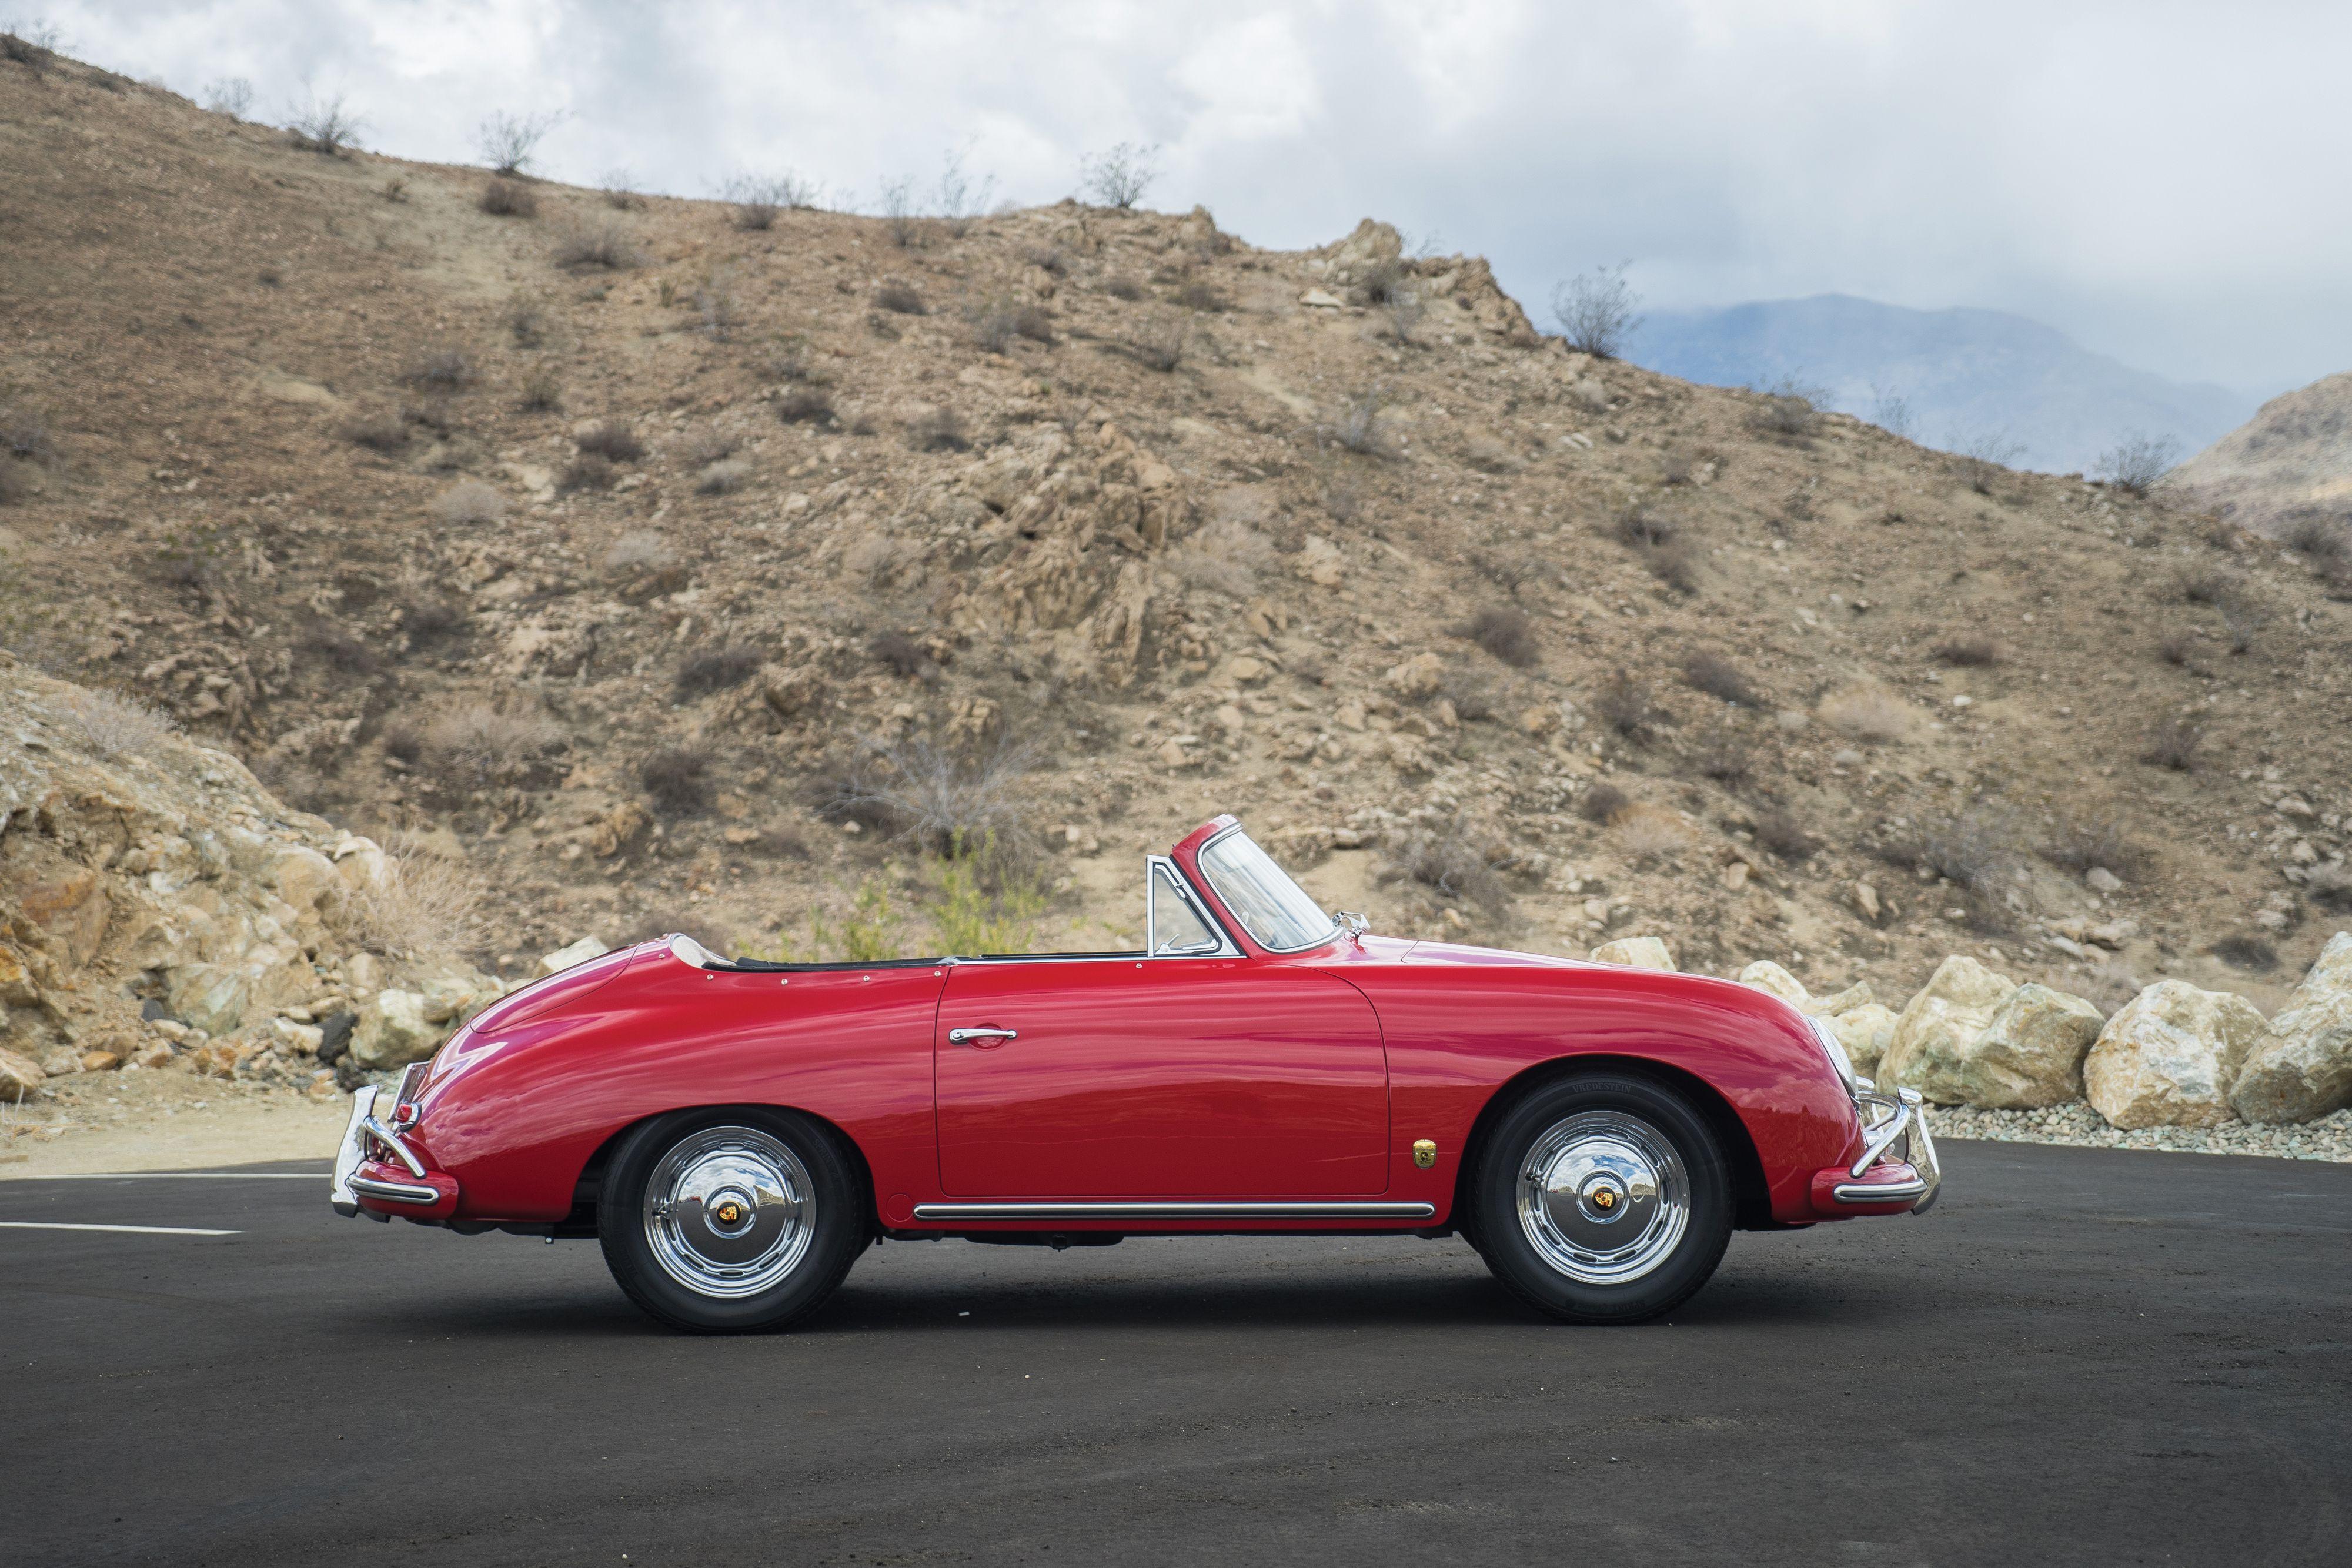 Porsche 356 A 1600 Cabriolet 1959